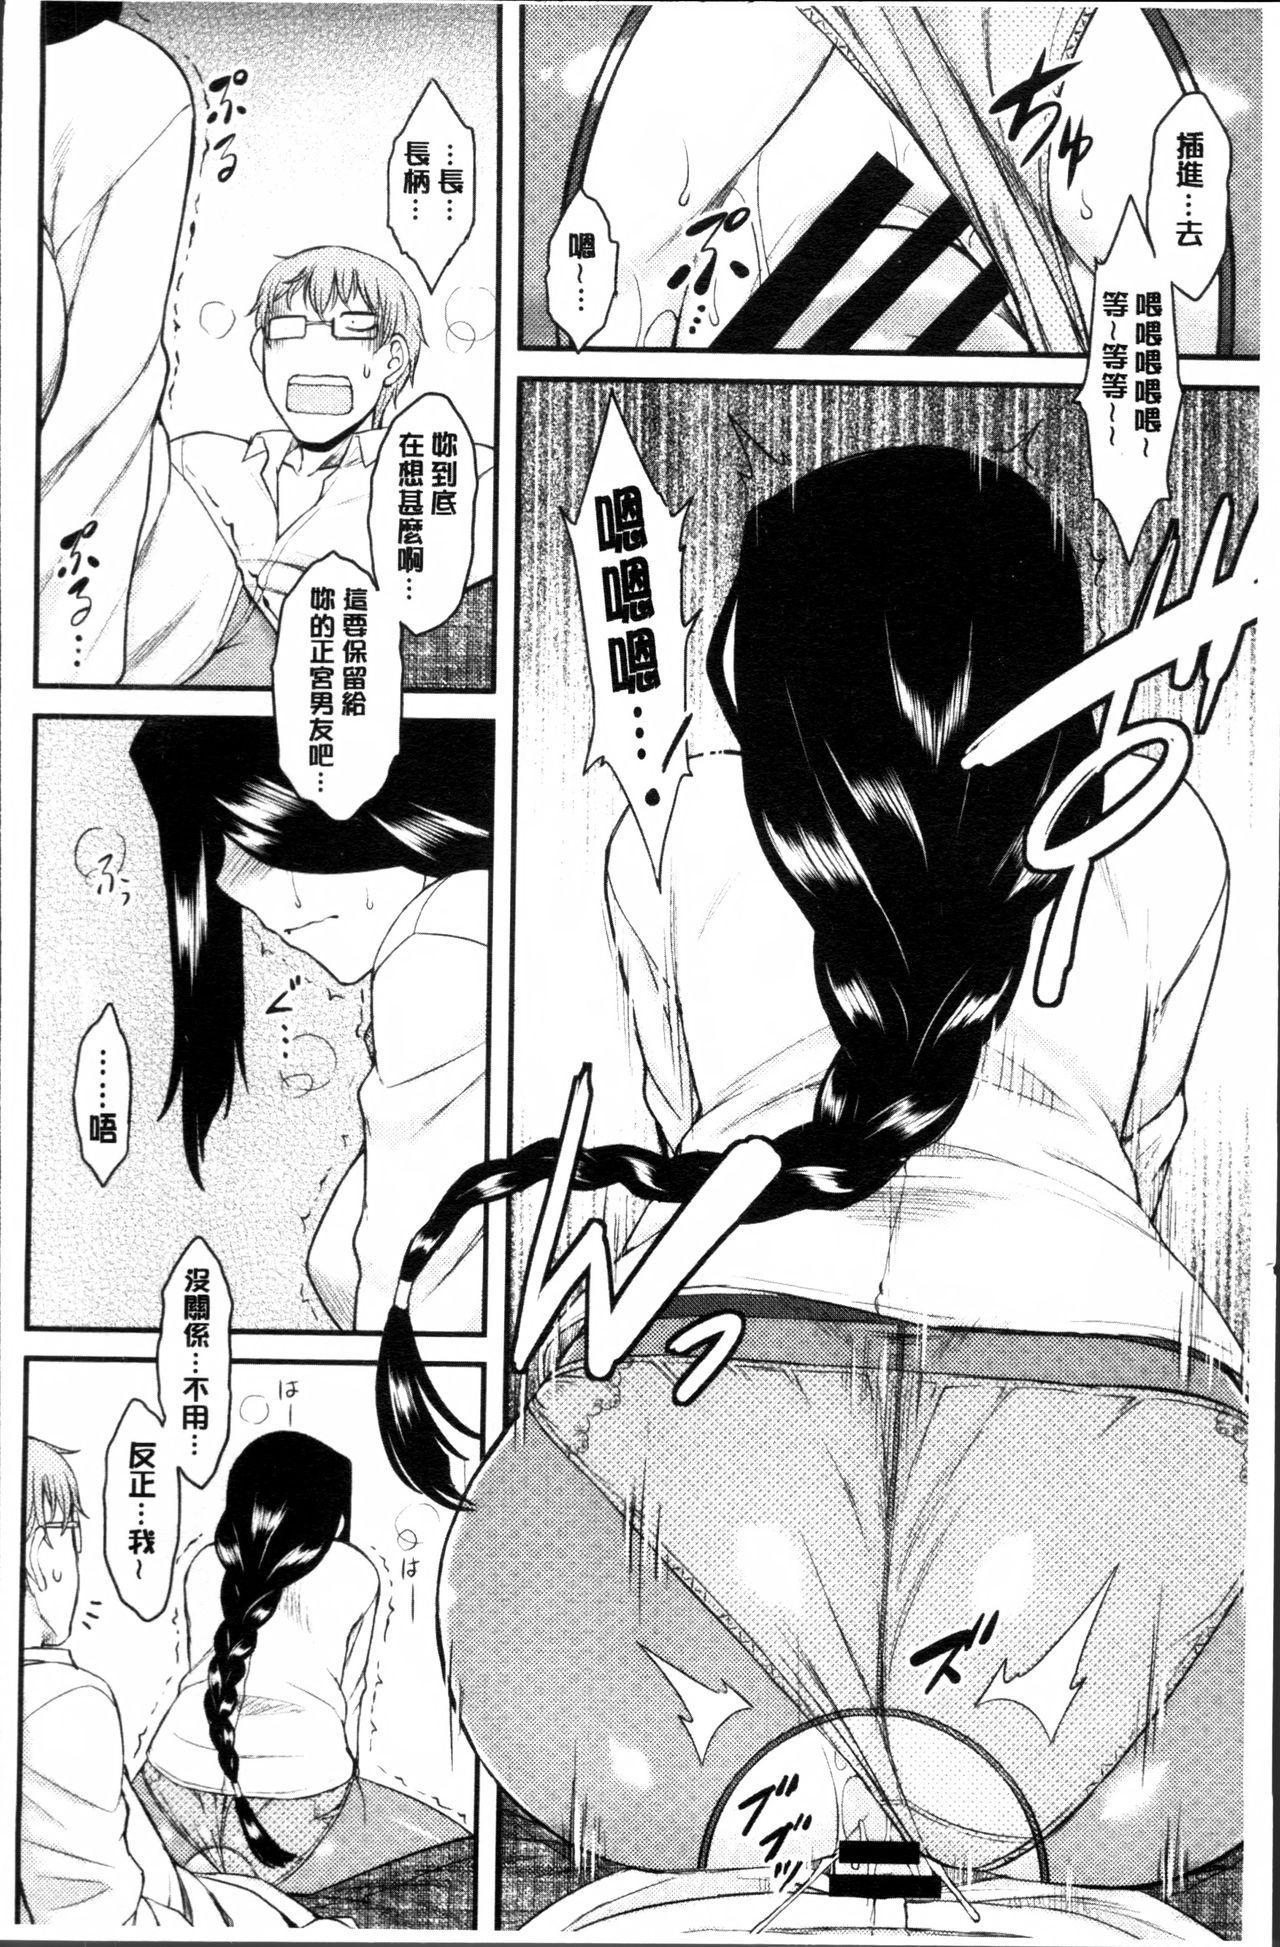 Hatsukoi Splash! 90